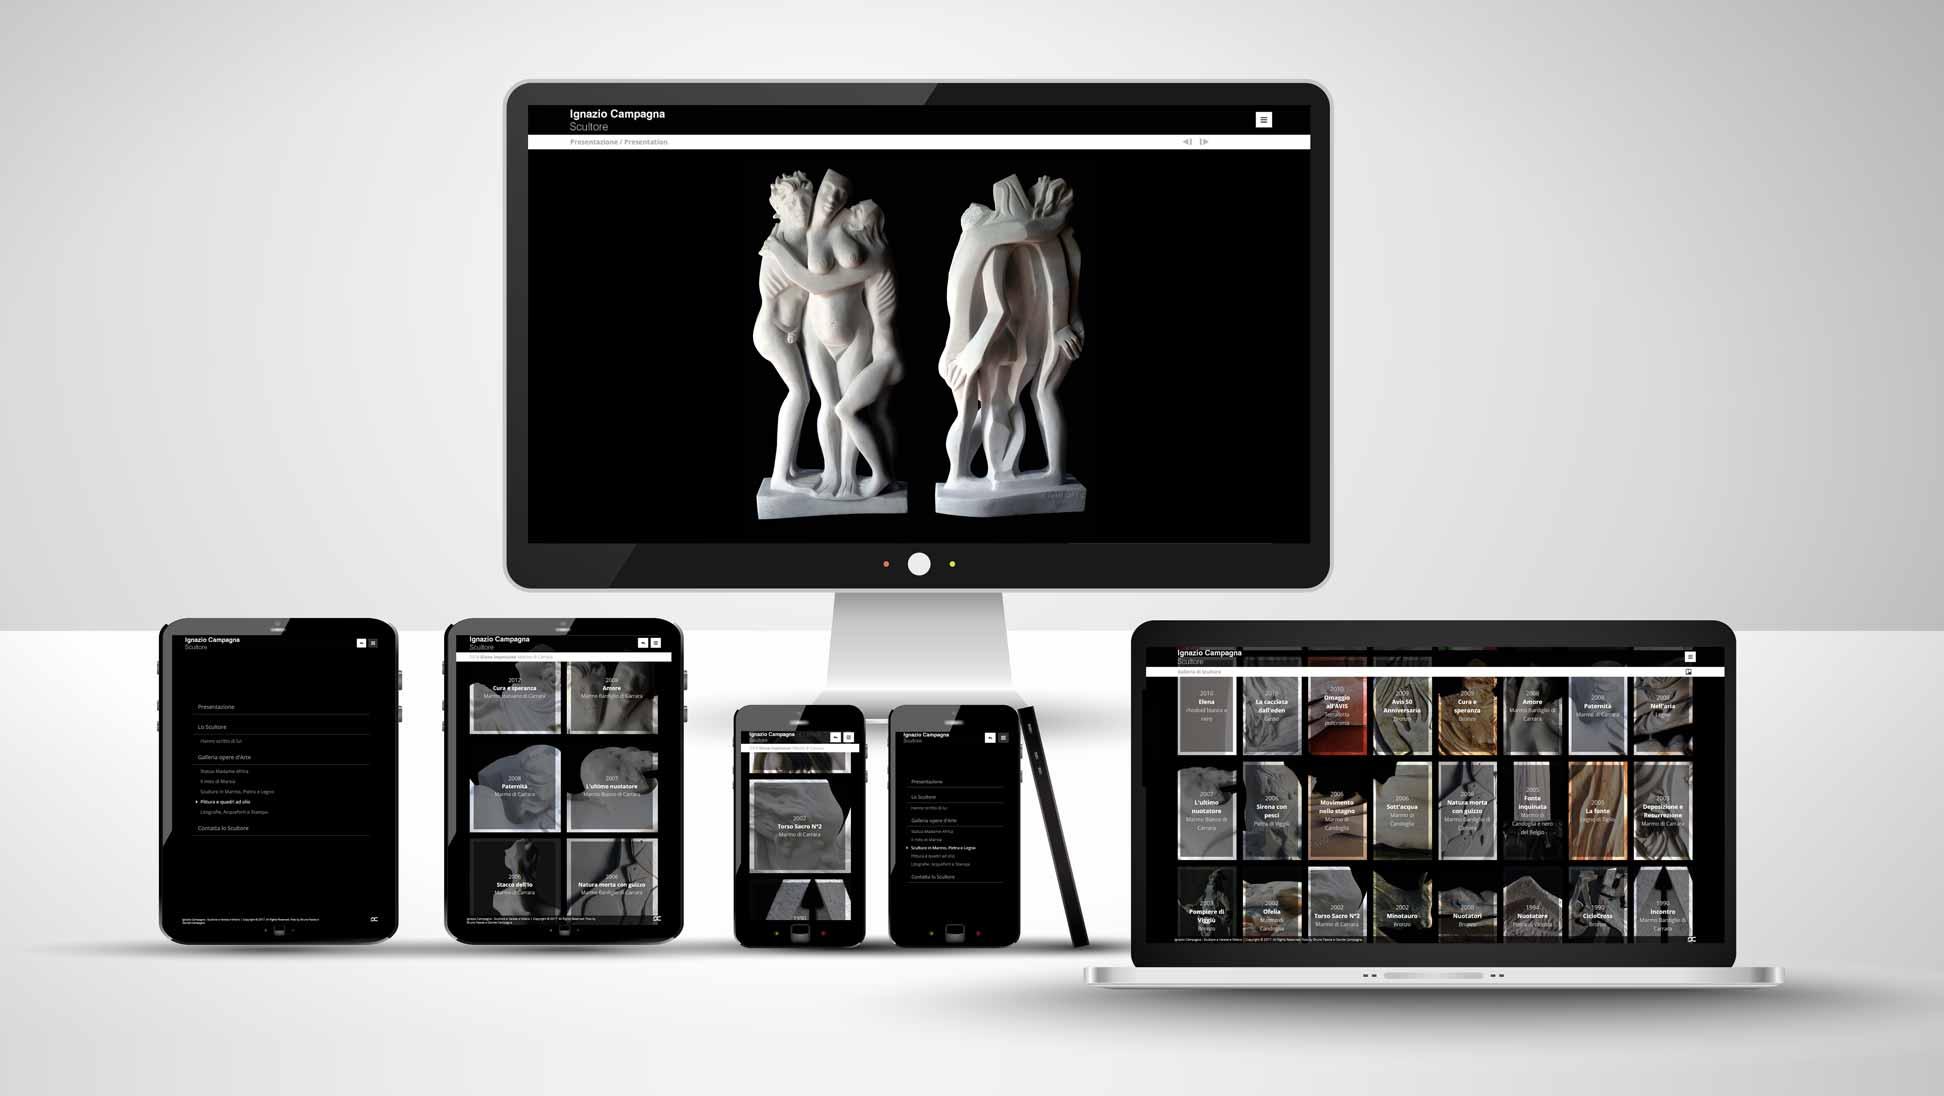 Studio grafico sito internet per artista